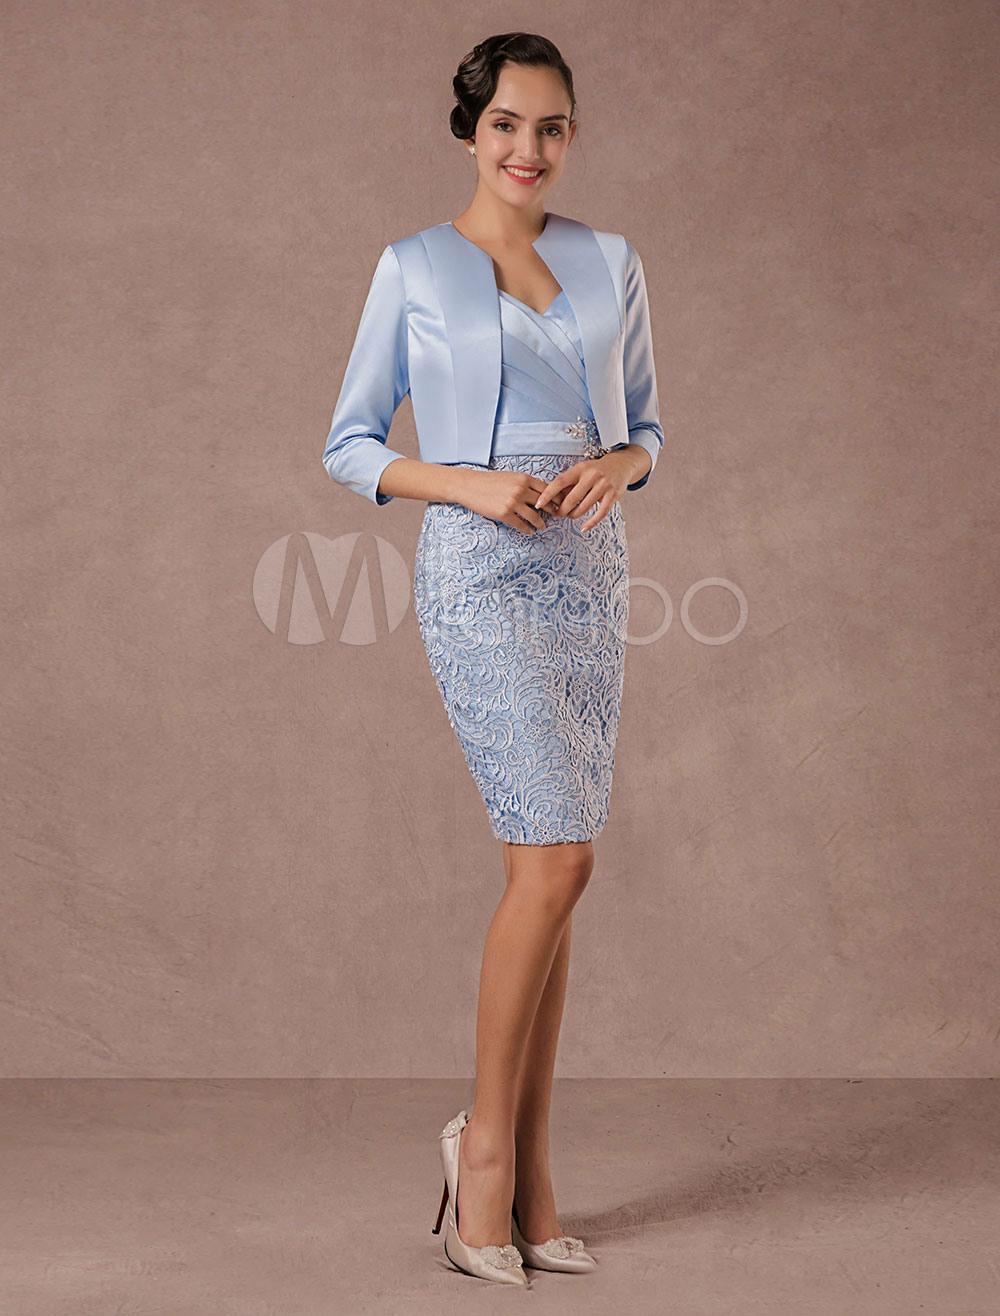 Anzugs Spitze Party Illusion Hochzeit 2019 Kleider